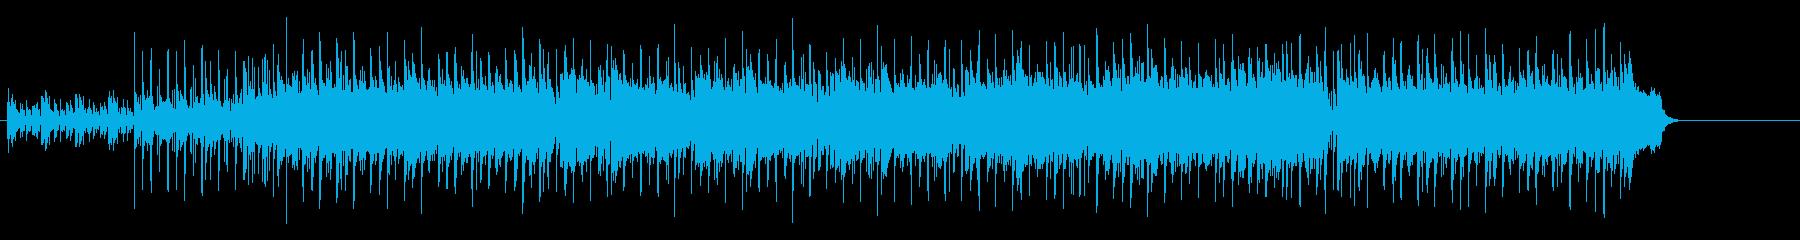 ジャズとソウルがかみ合ったアシッドジャズの再生済みの波形